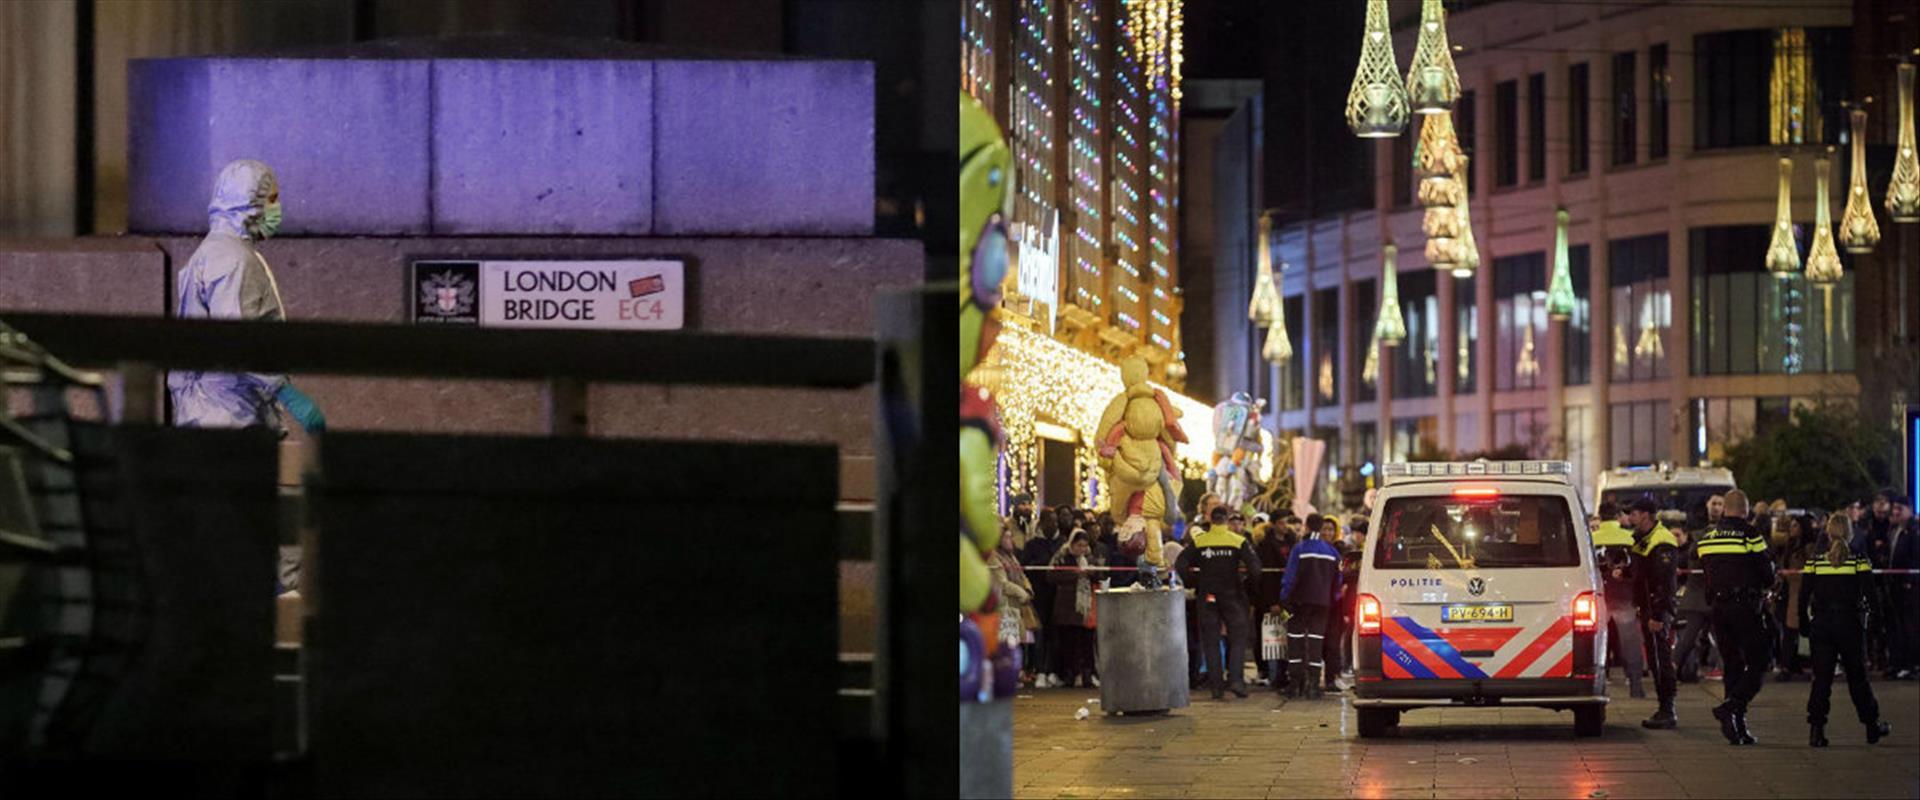 פיגוע בהאג ופיגוע בלונדון